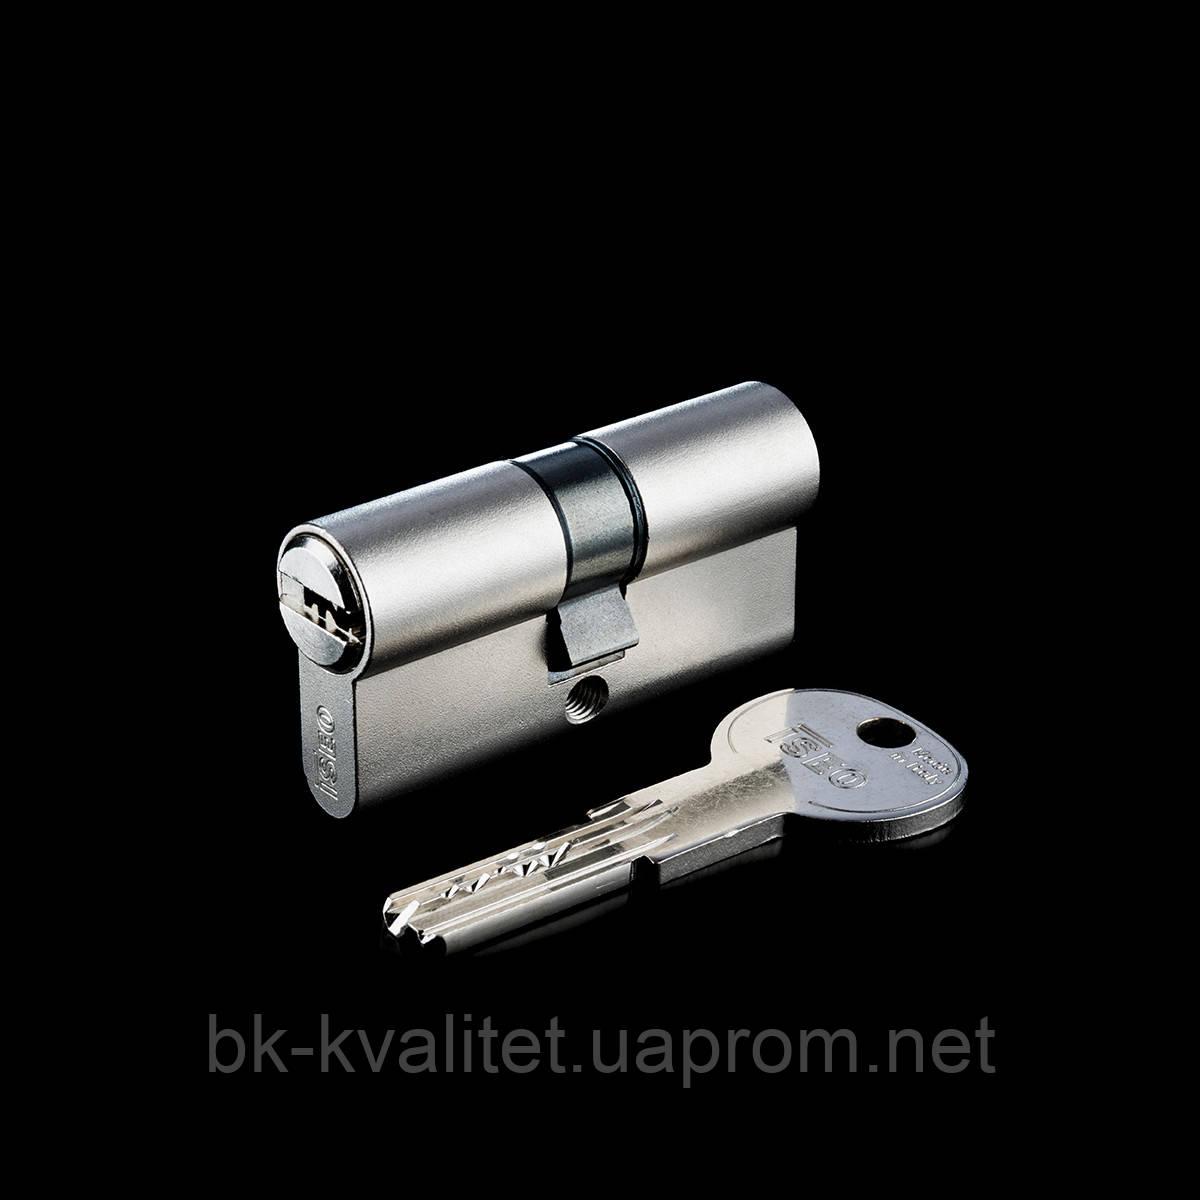 Цилиндр ISEO R7 75 (35х40) ключ/ключ, никель